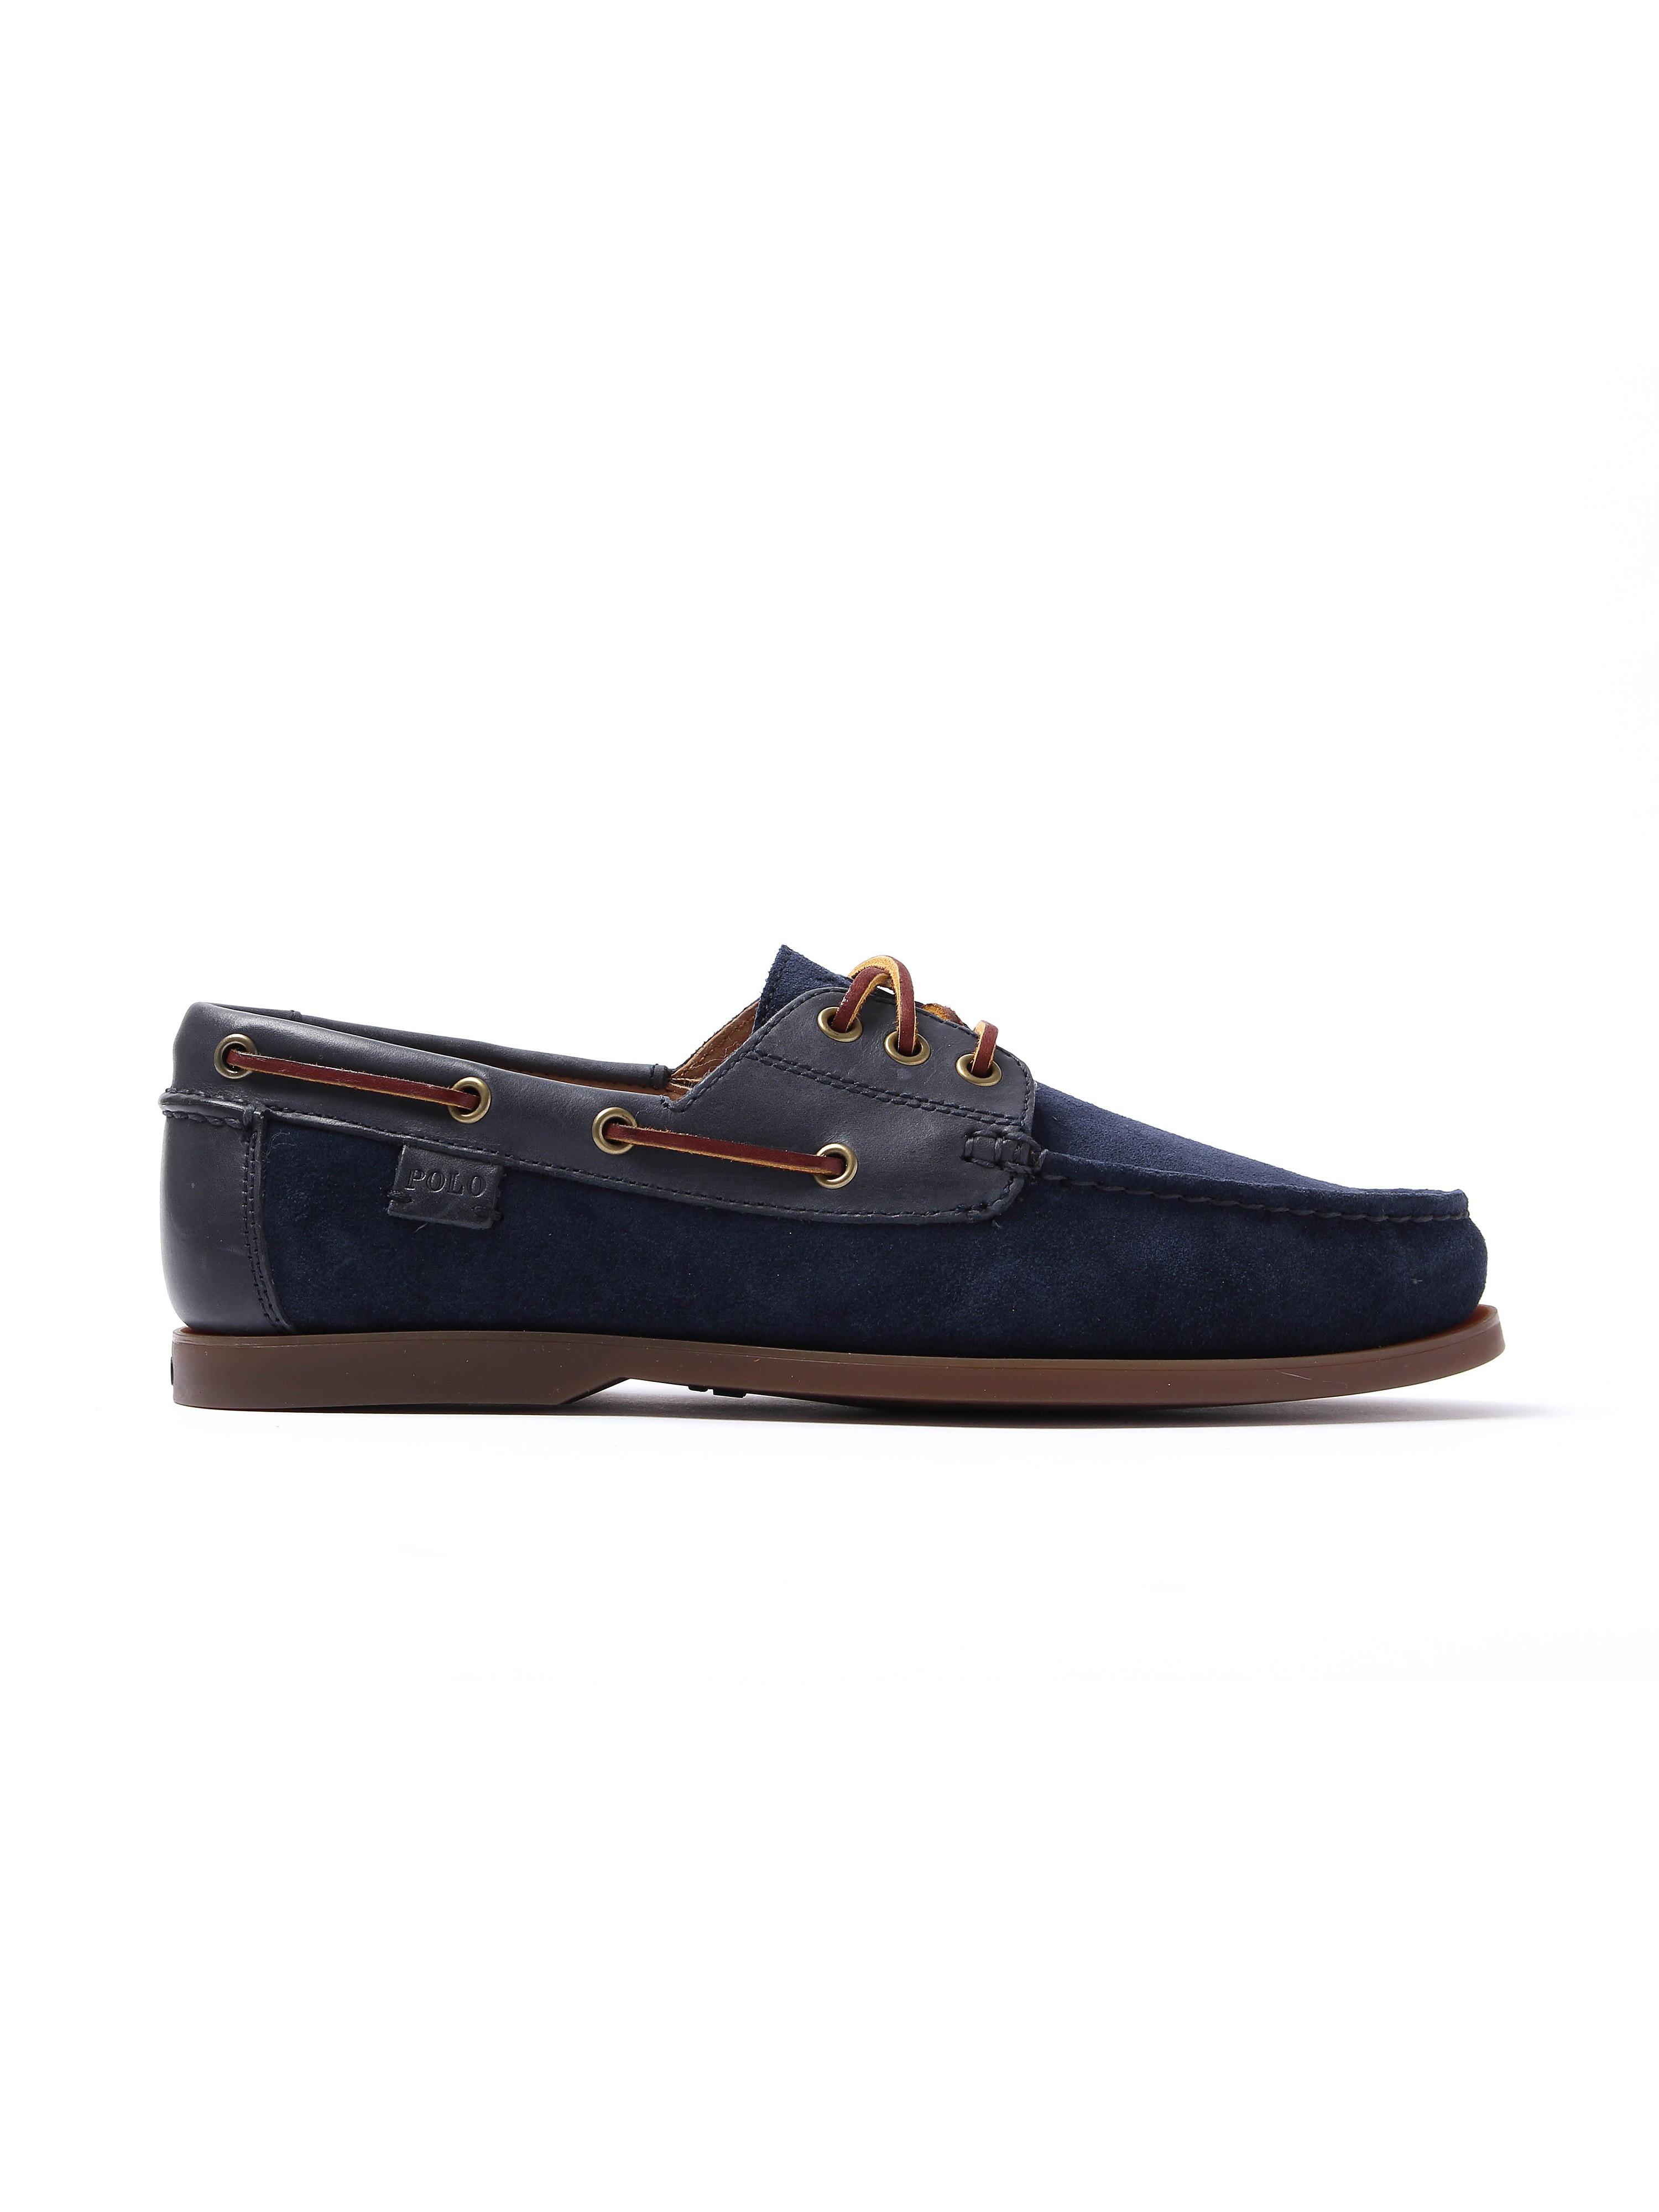 Polo Ralph Lauren Mens Bienne II Shoe - Newport Navy